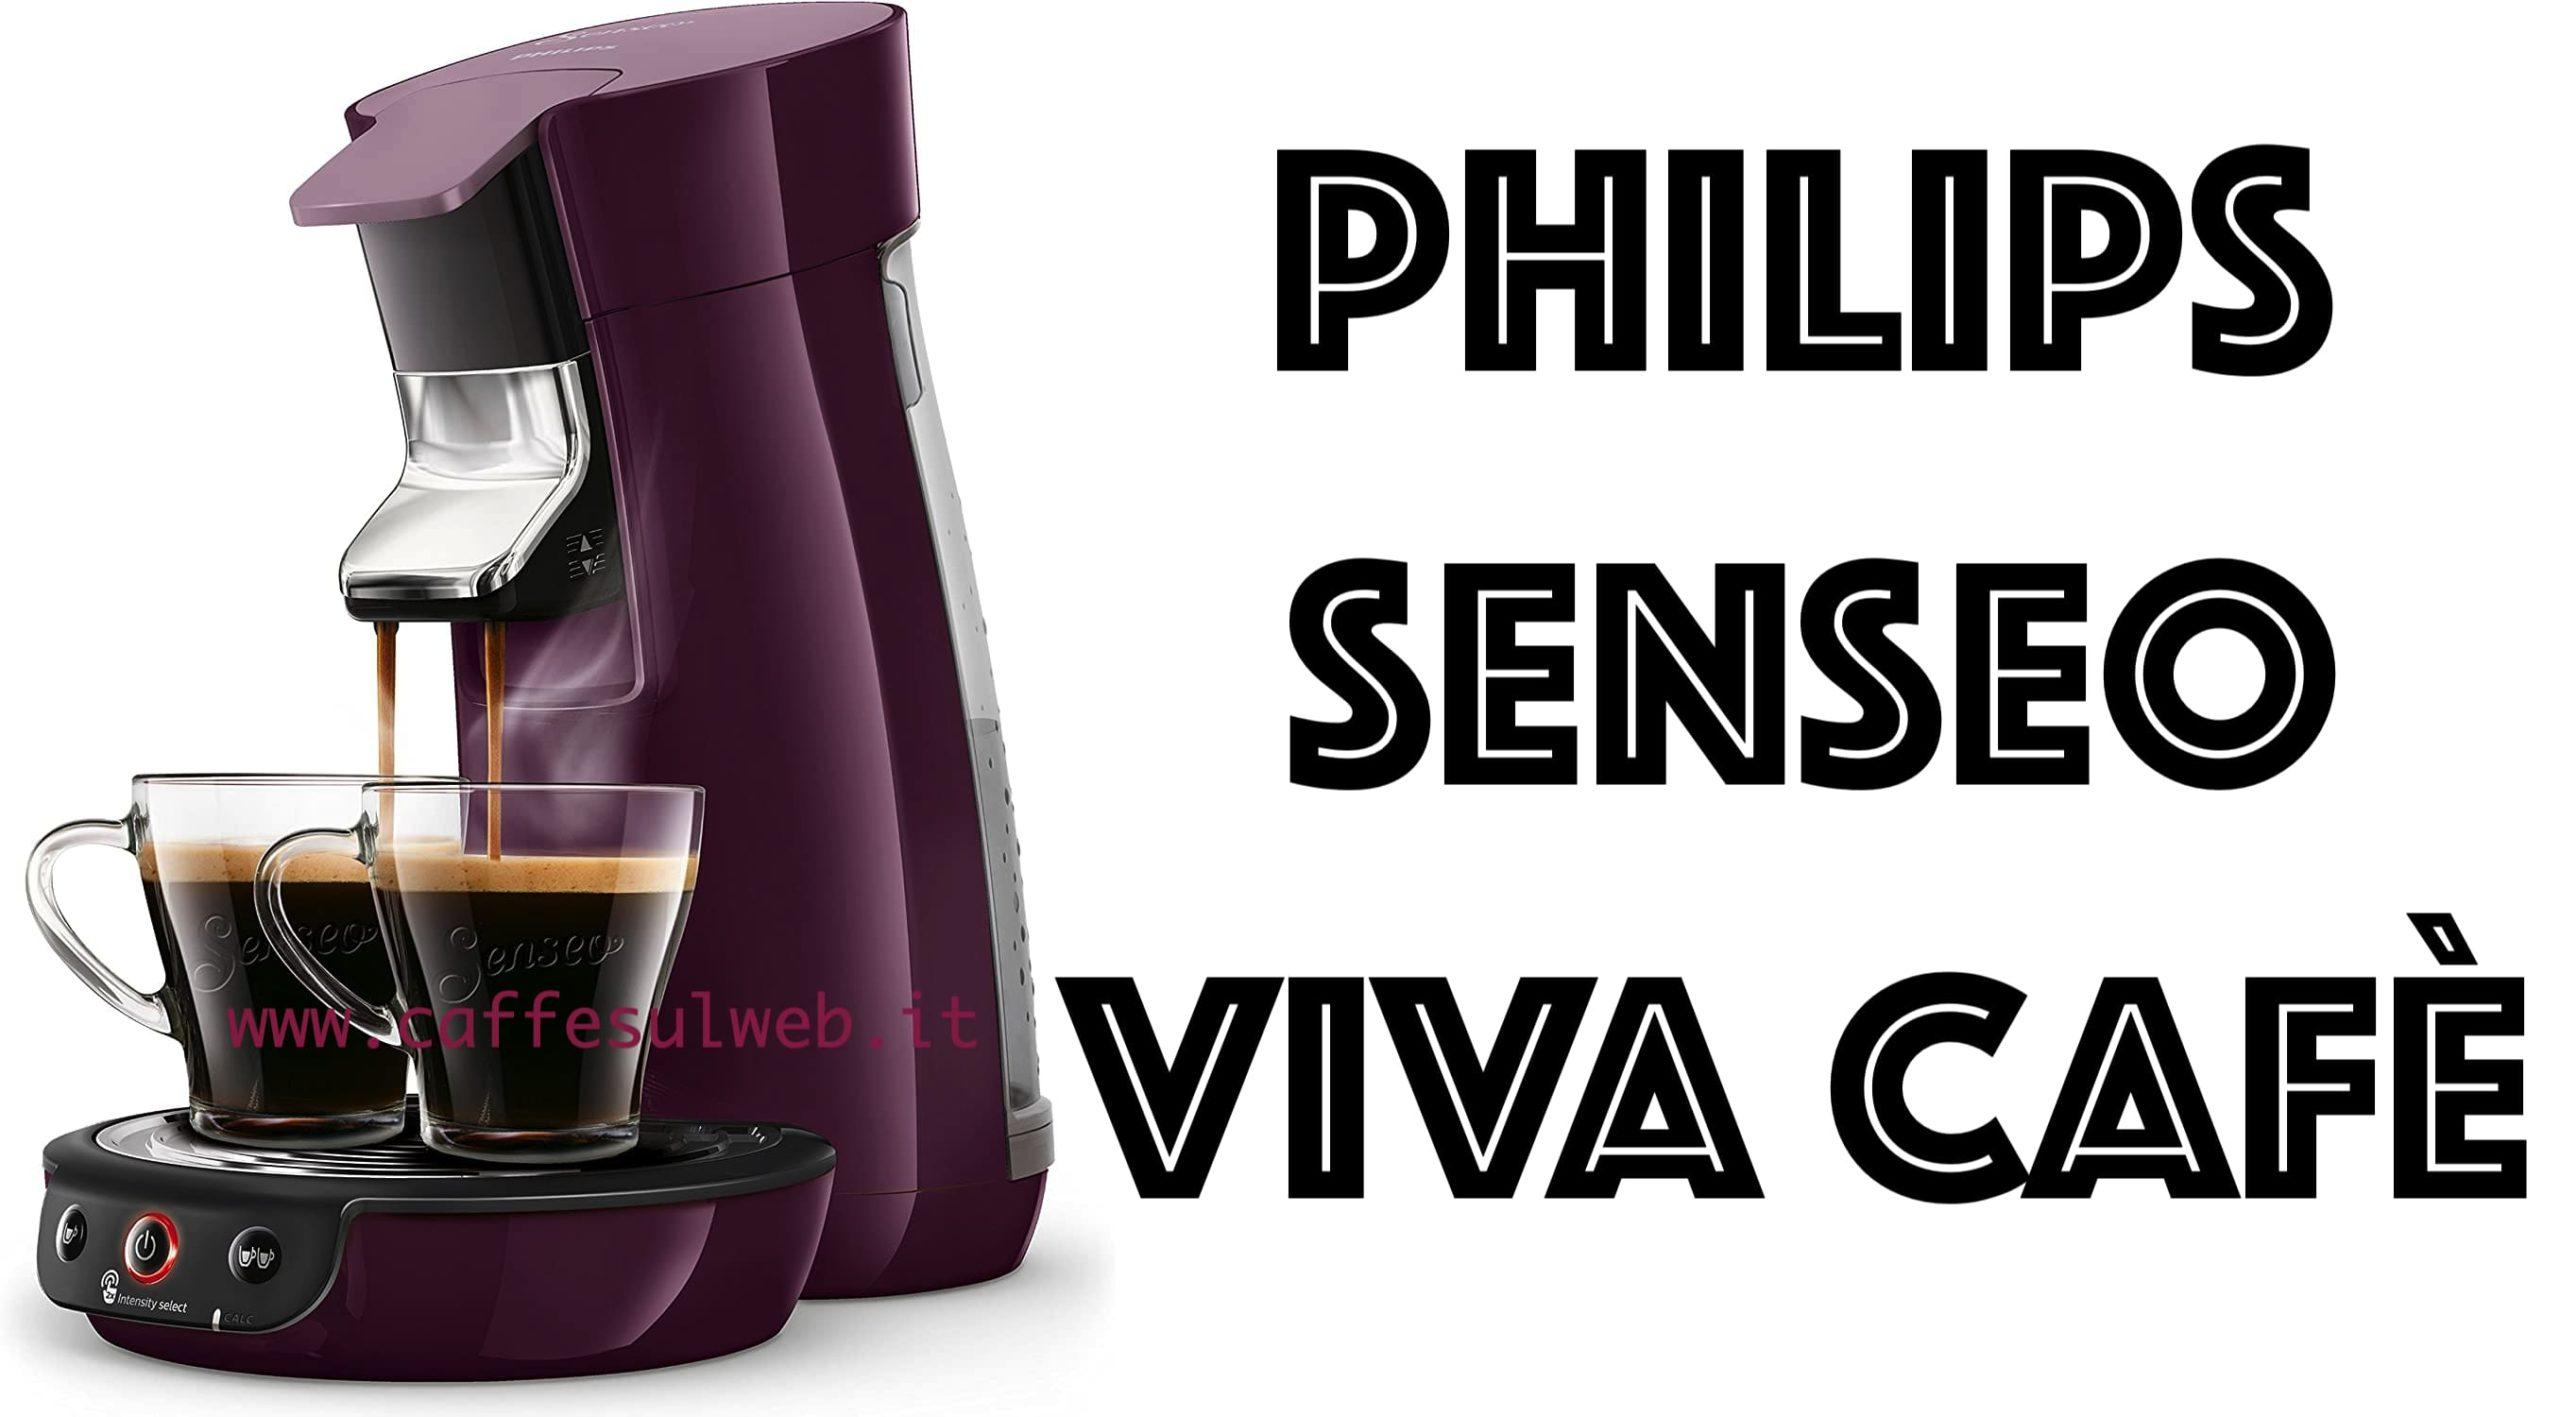 Philips Senseo Viva Cafe Recensioni Opinione Prezzo